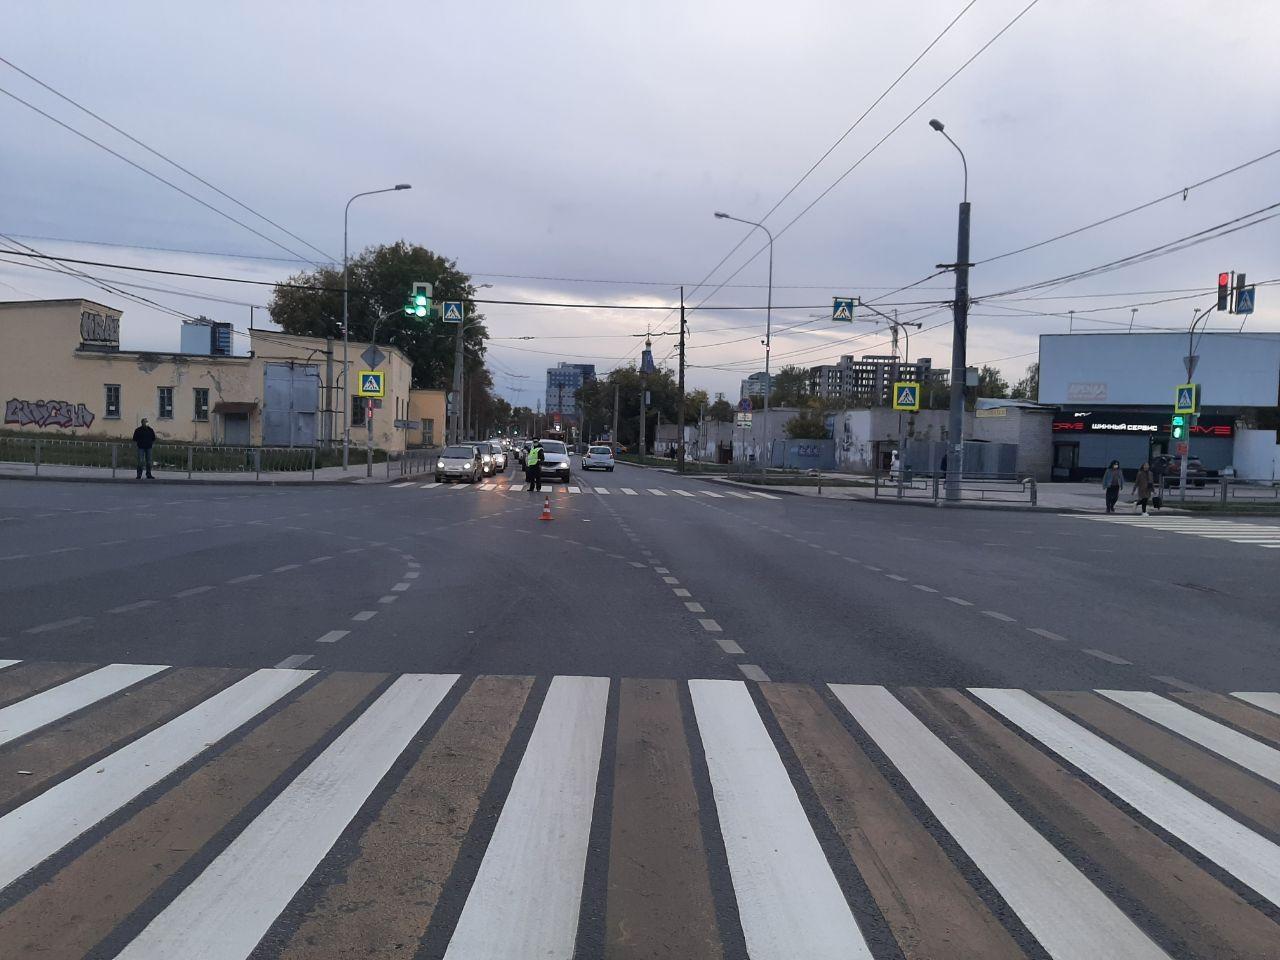 В аварии на улице Луначарского пассажирка получила травму головы